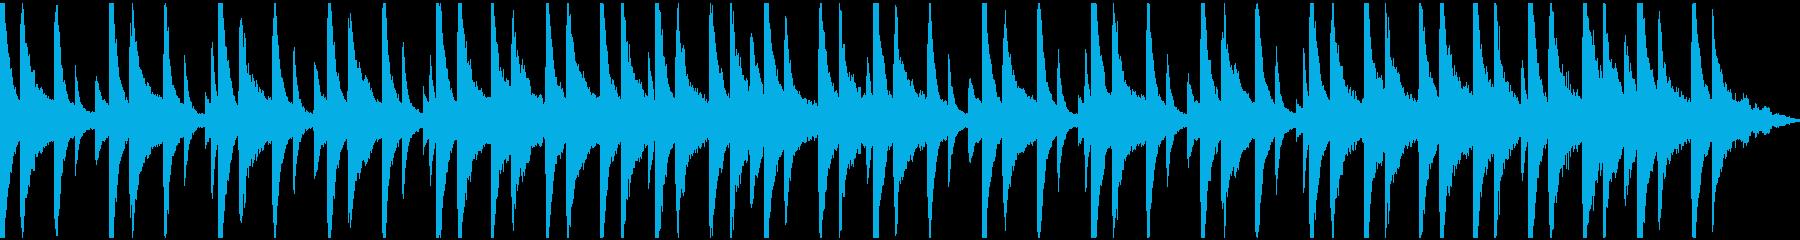 ピアノと環境音のチル (ループ)の再生済みの波形